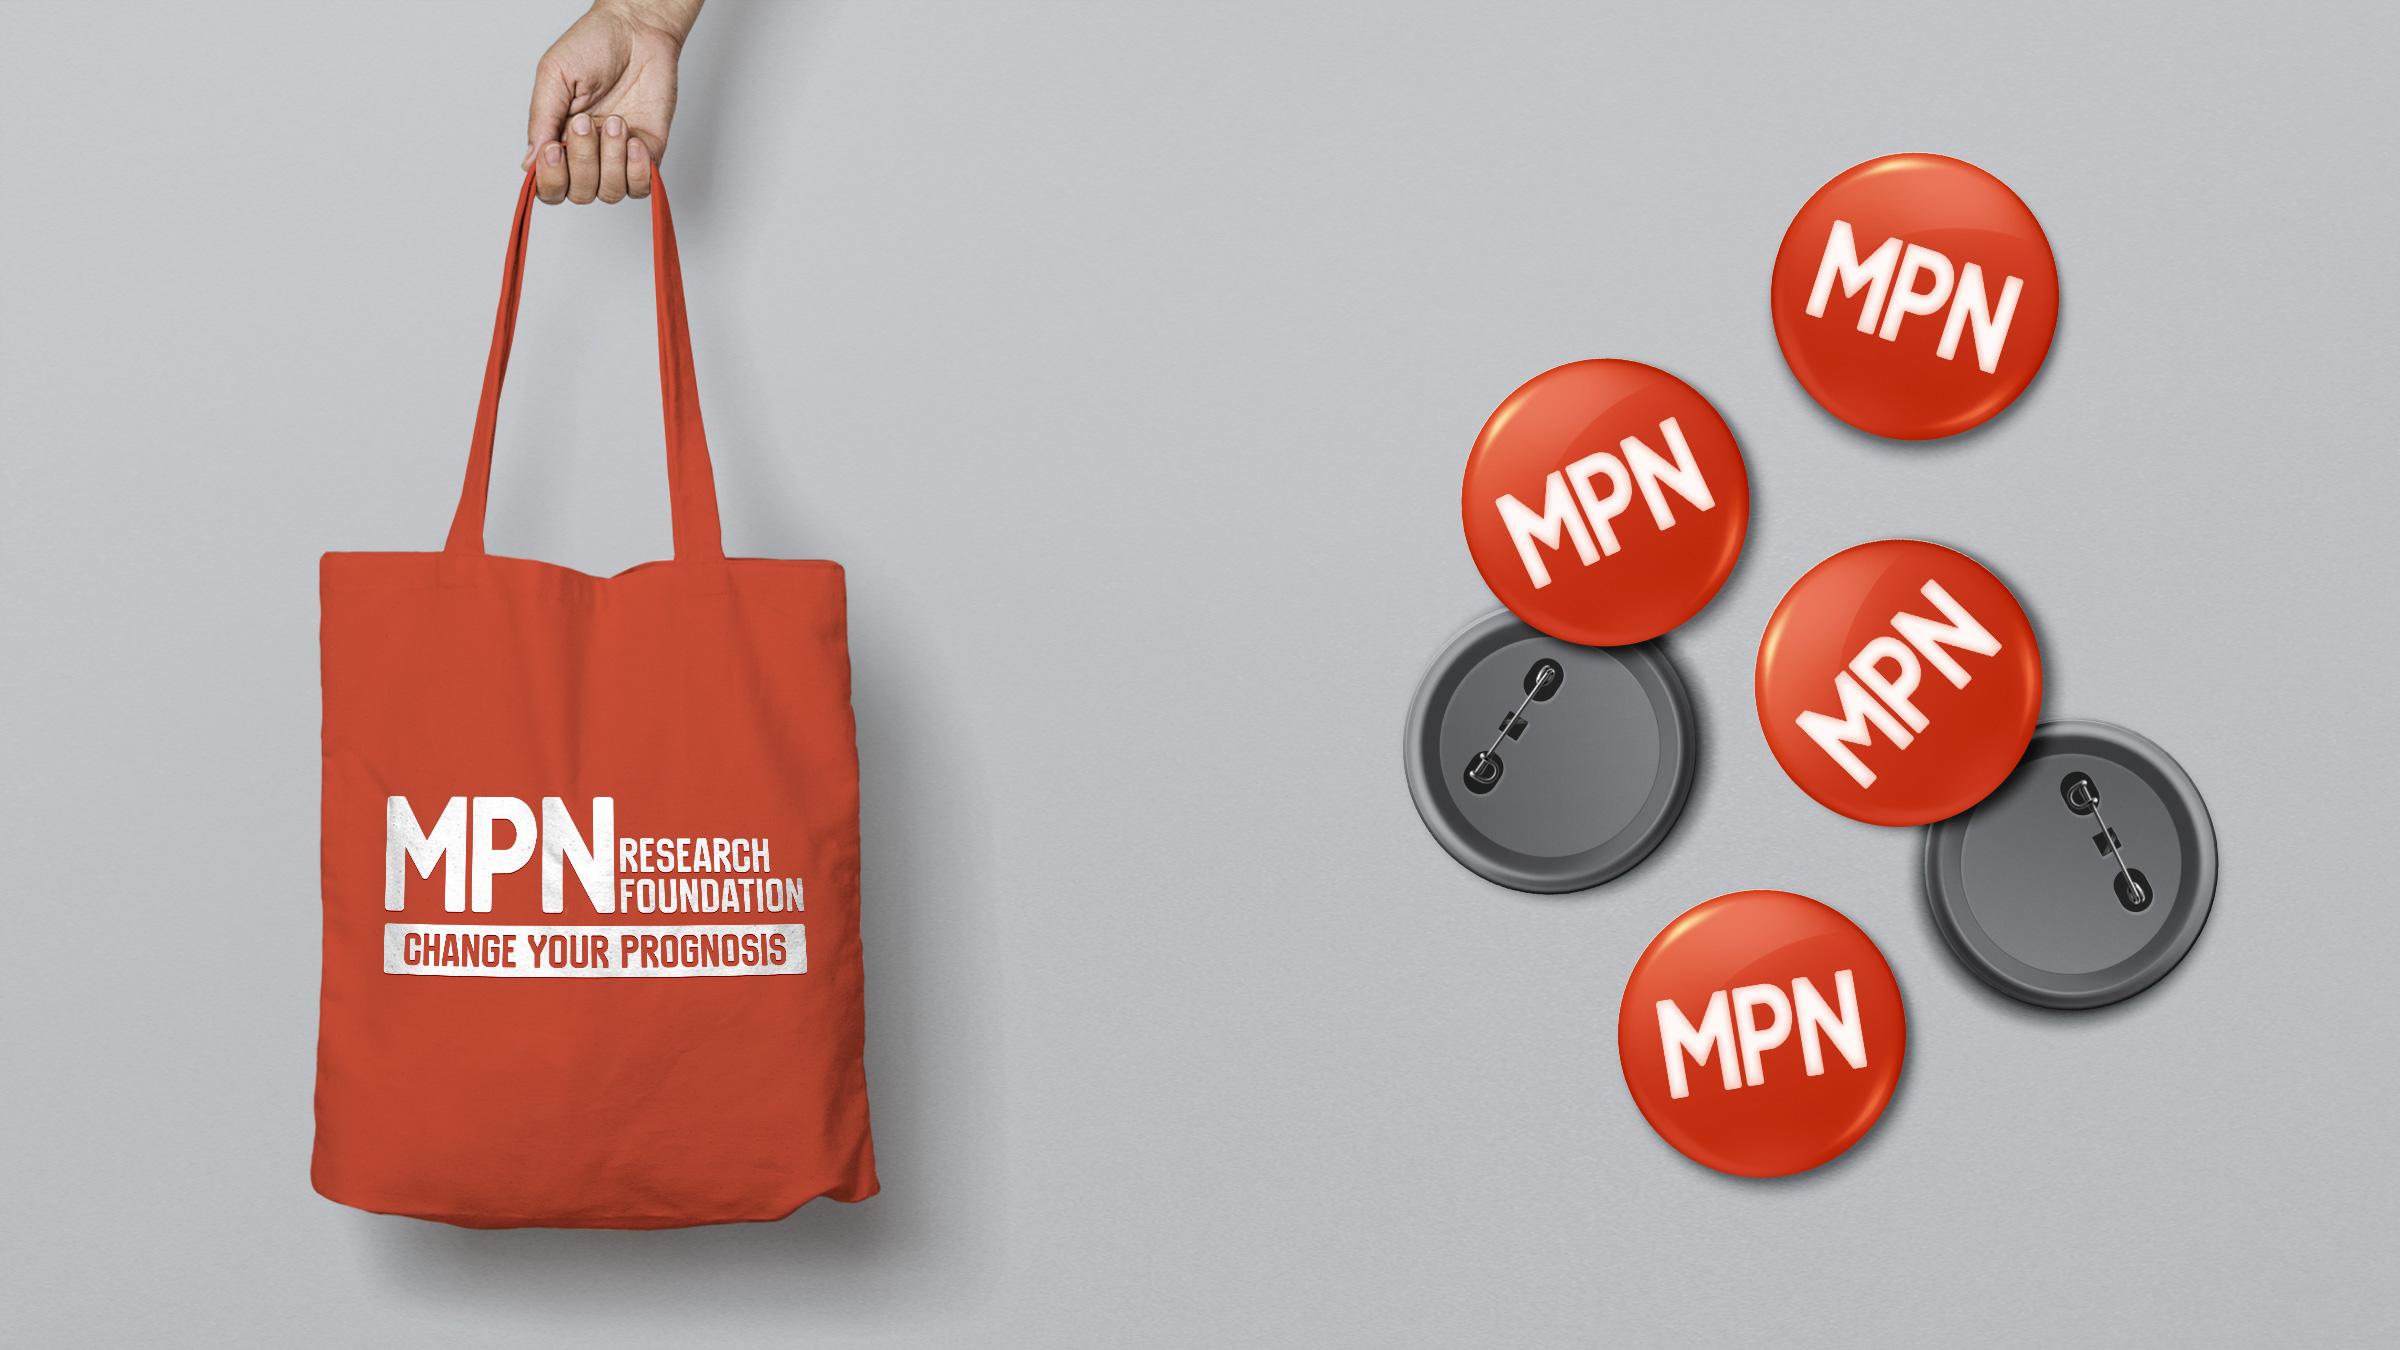 MPN_ToteButton.jpg